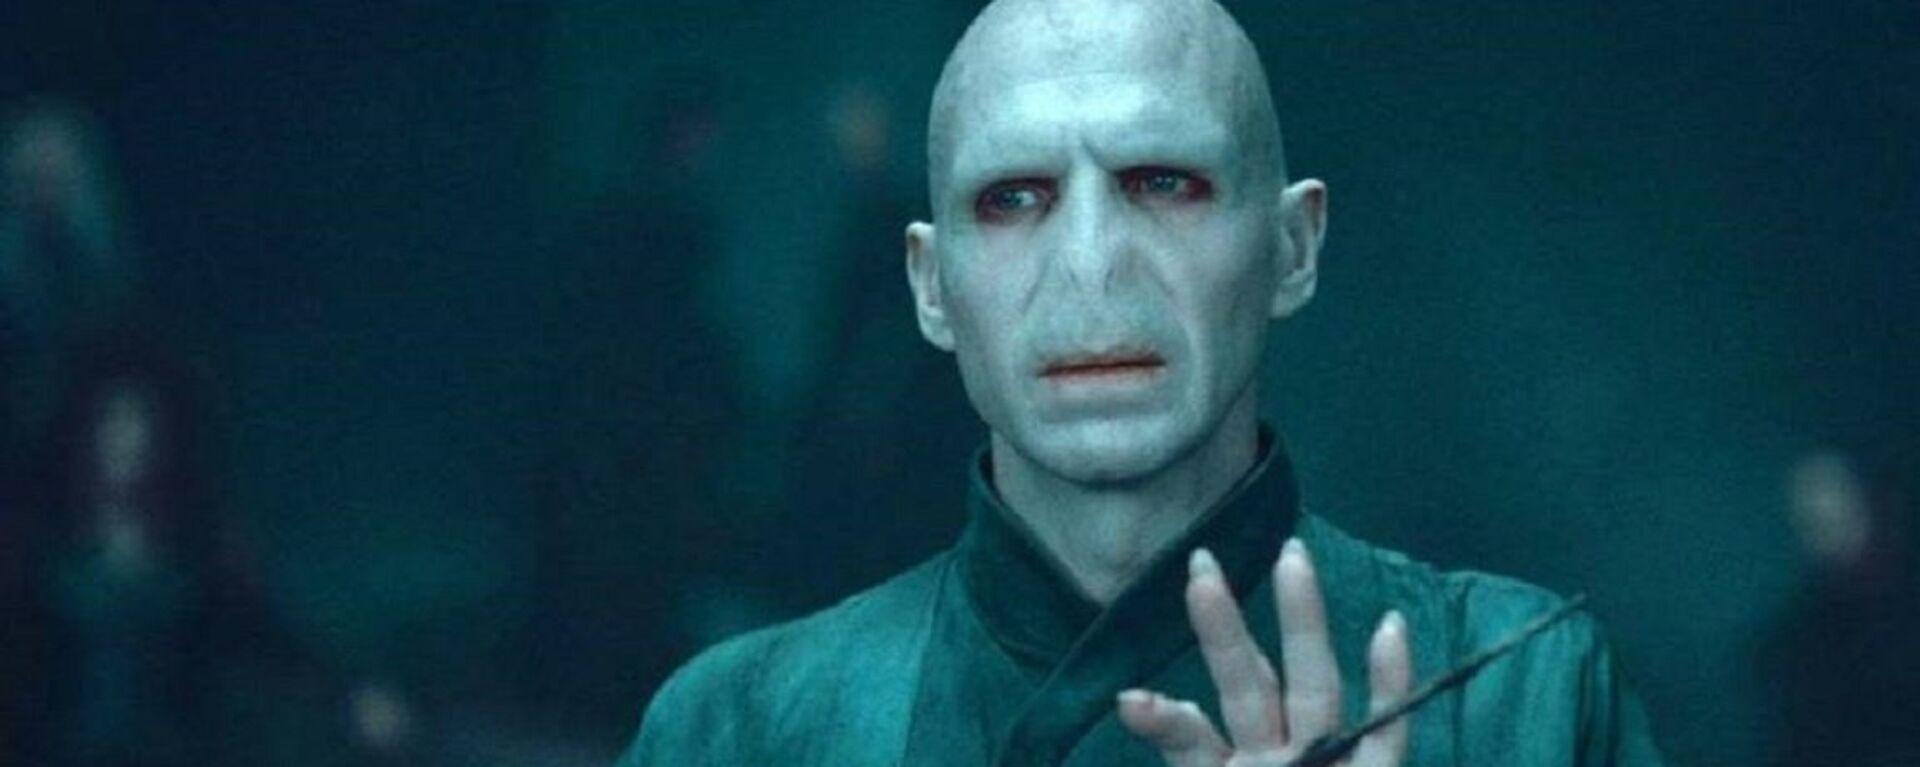 Harry Potter film serisinde yer alan Lord Voldemort karakteri - Sputnik Türkiye, 1920, 16.09.2021